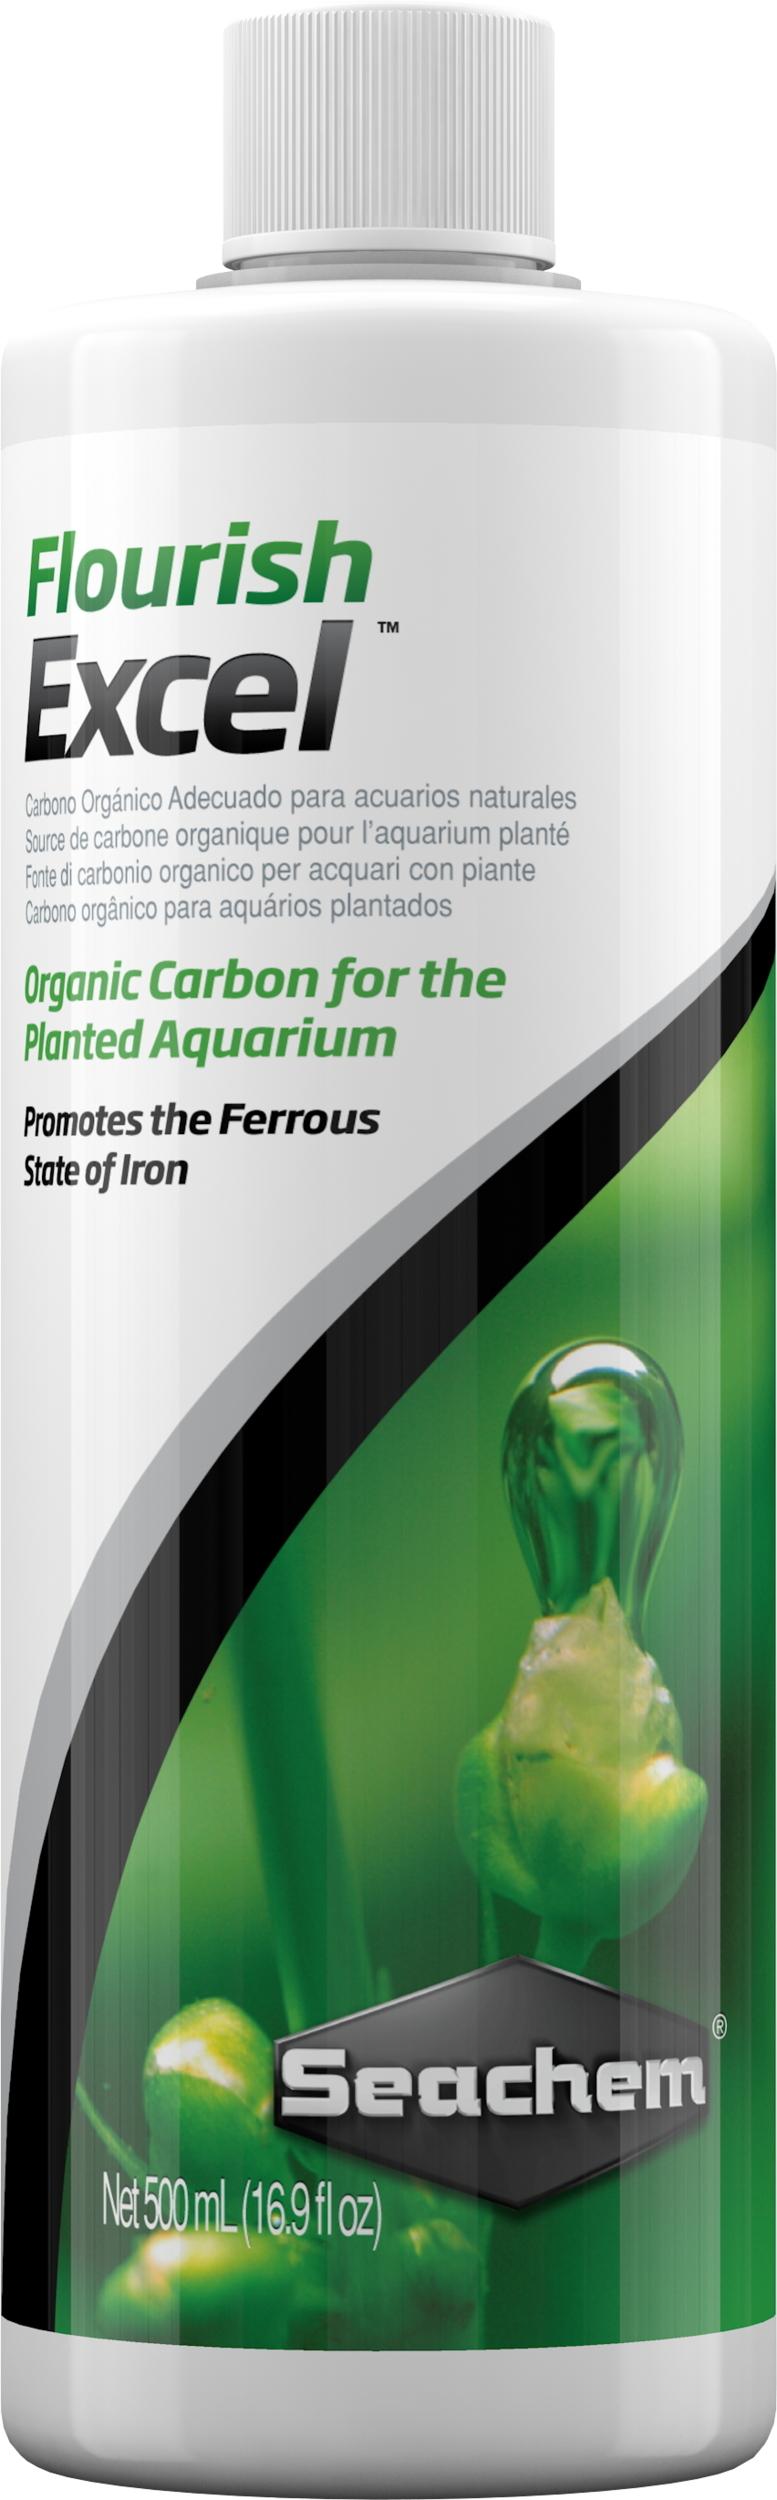 SEACHEM Flourish Excel 500ml source de carbone organique biodisponible pour plantes d\'aquarium